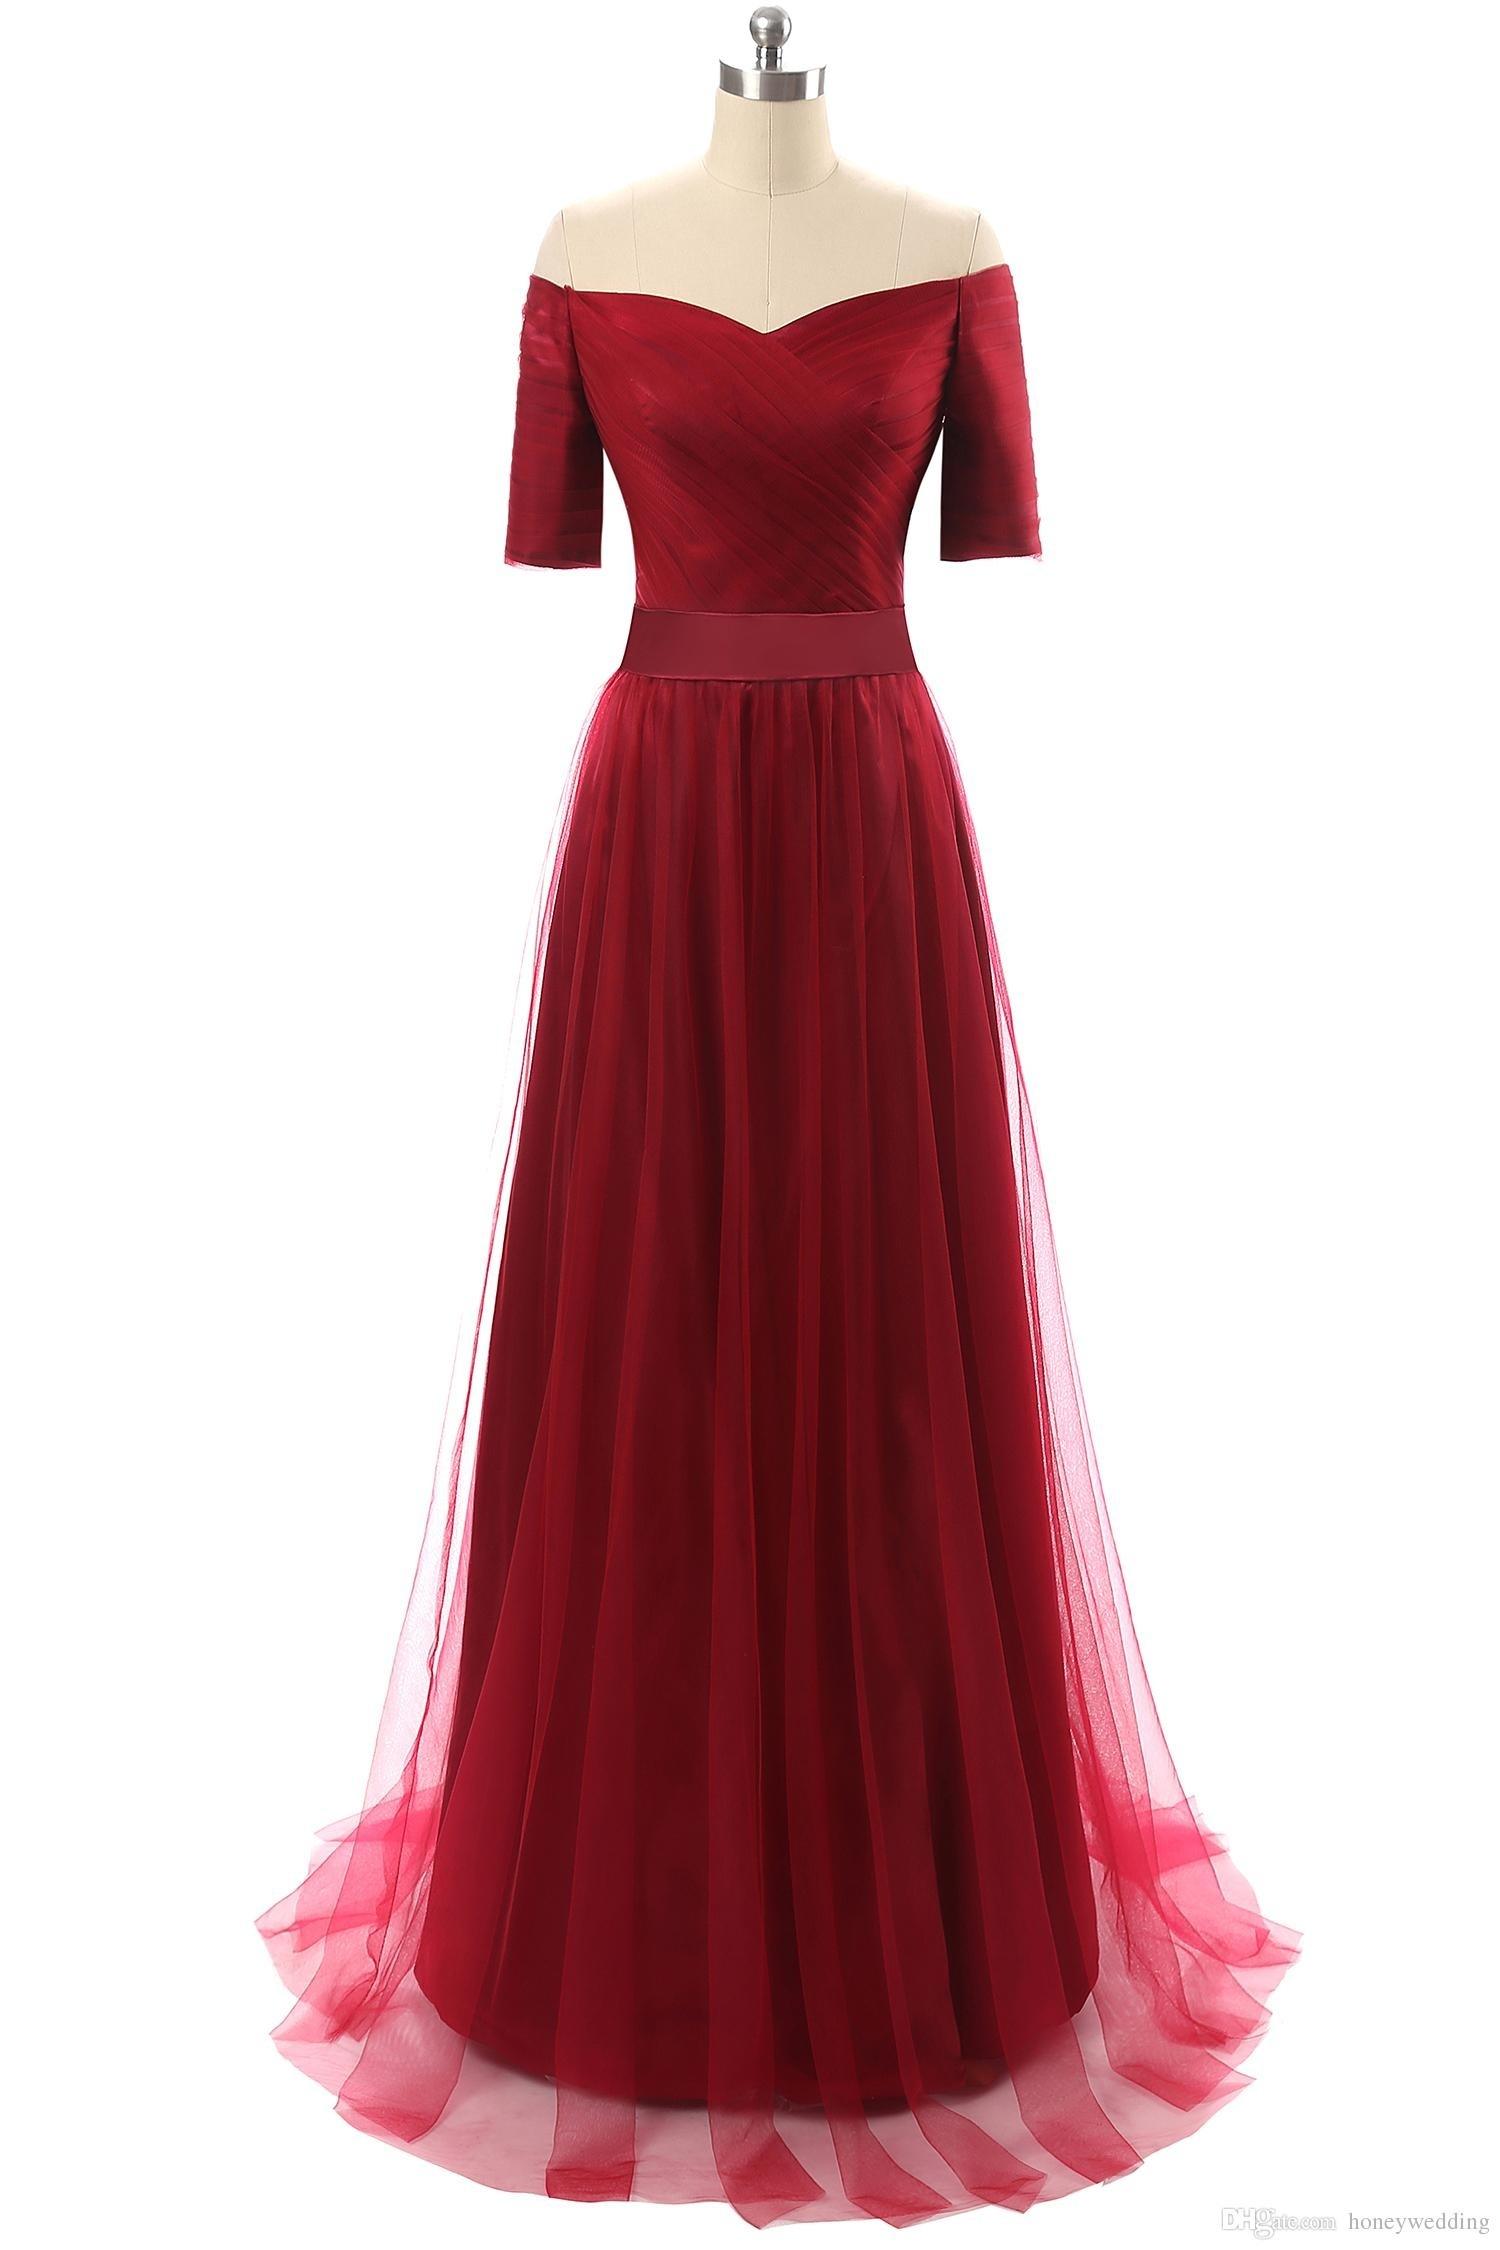 13 Einzigartig Lange Kleider Elegant Günstig für 2019Abend Schön Lange Kleider Elegant Günstig Boutique